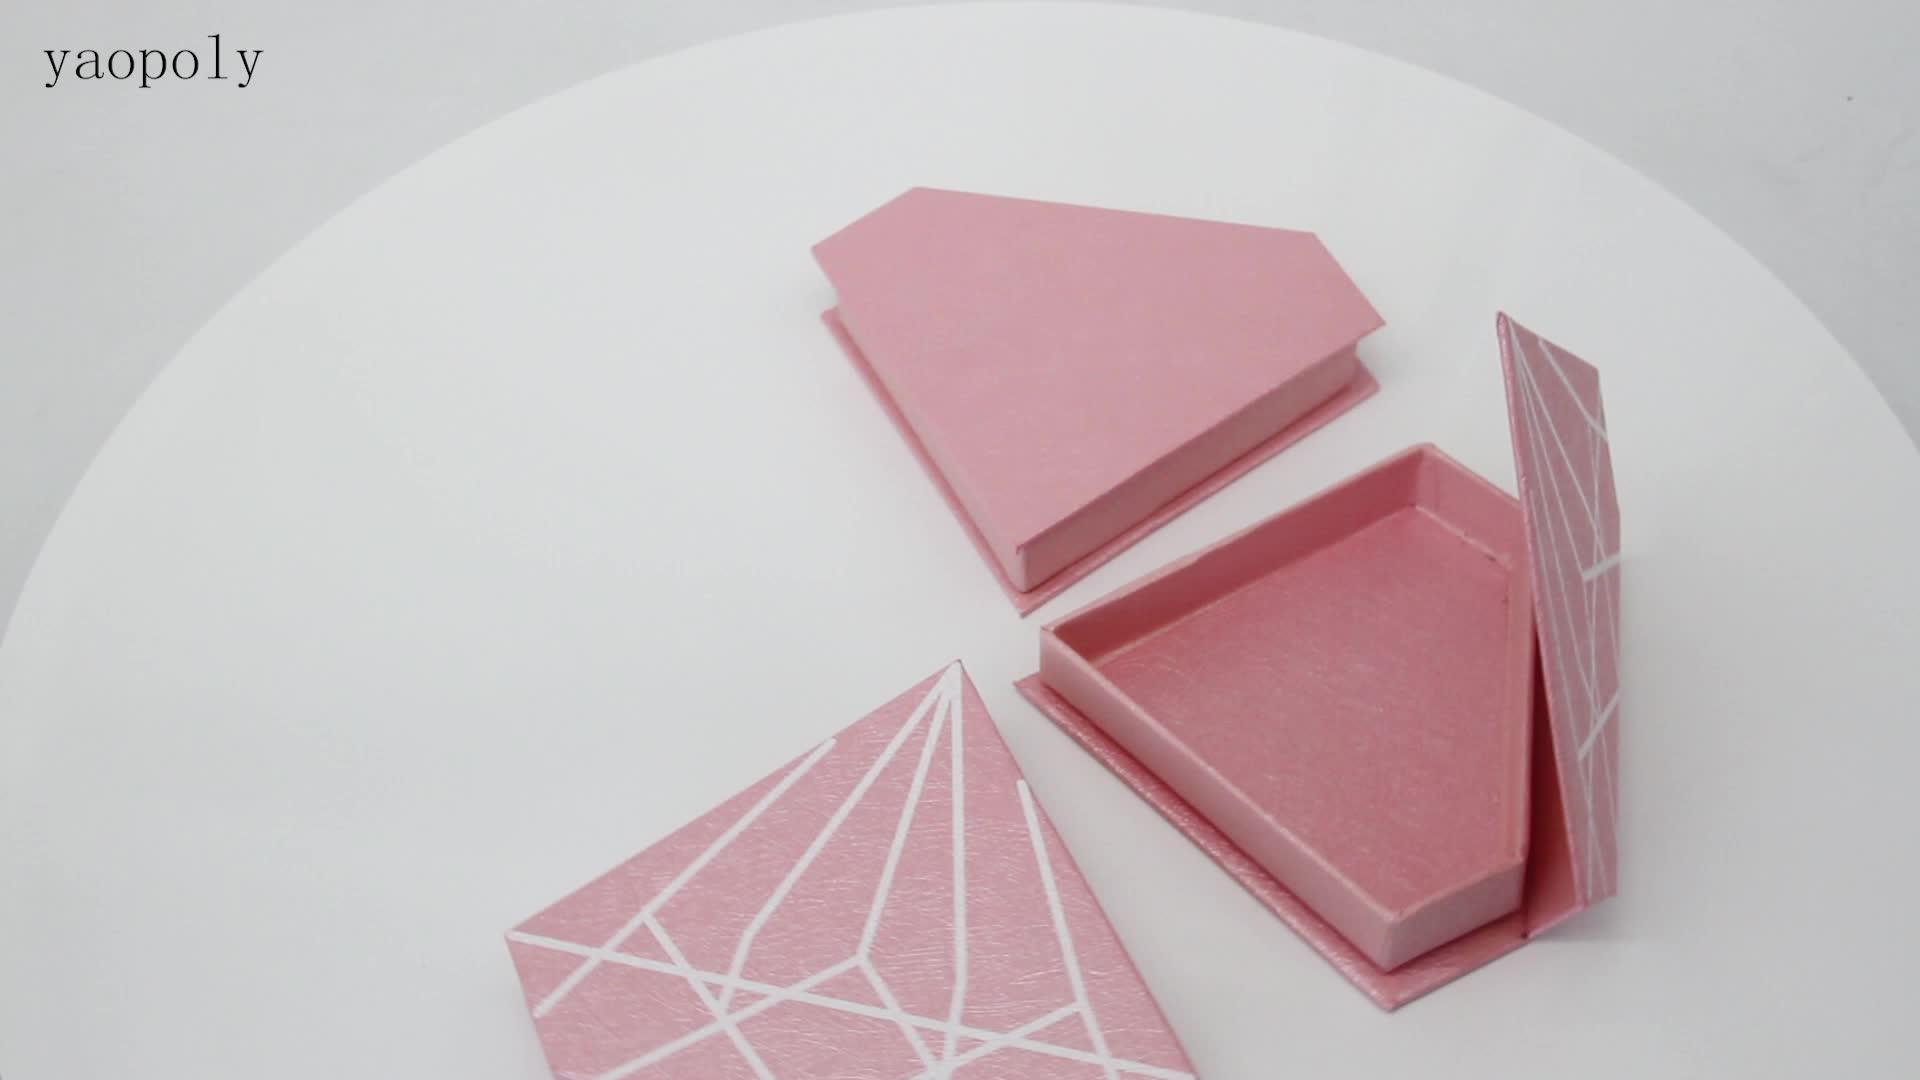 Miglior prezzo di bellezza di lusso adatto 25mm ciglia rosa casella di diamante